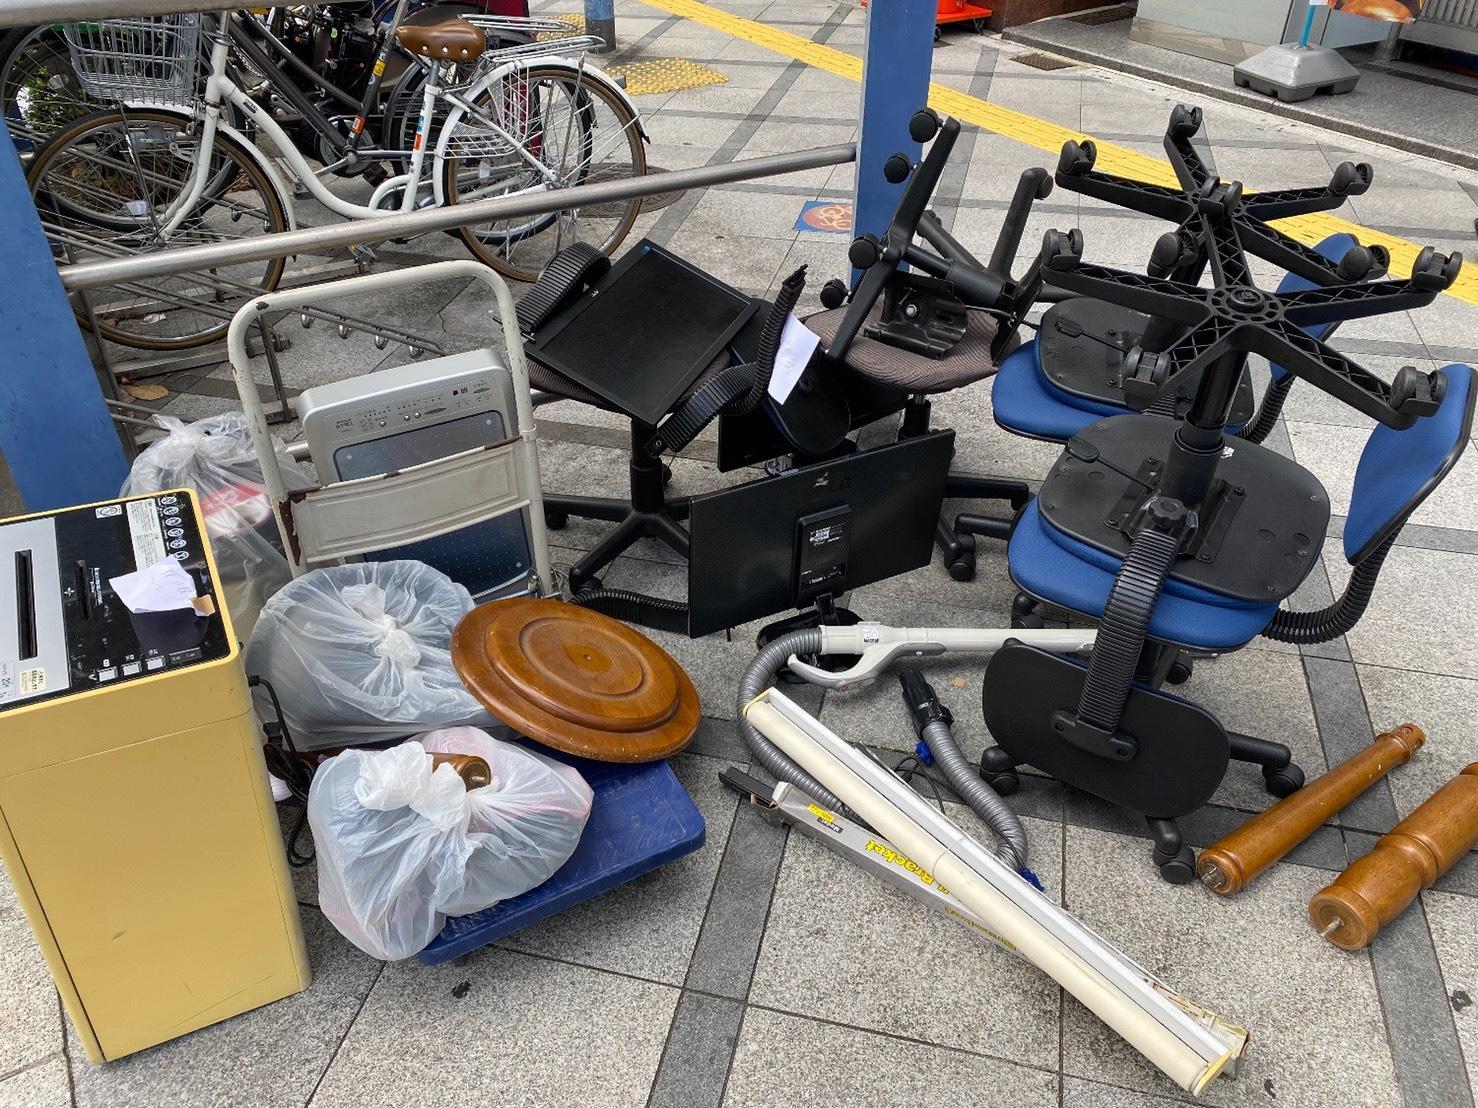 イス、モニター、シュレッダーなどの不用品の回収前